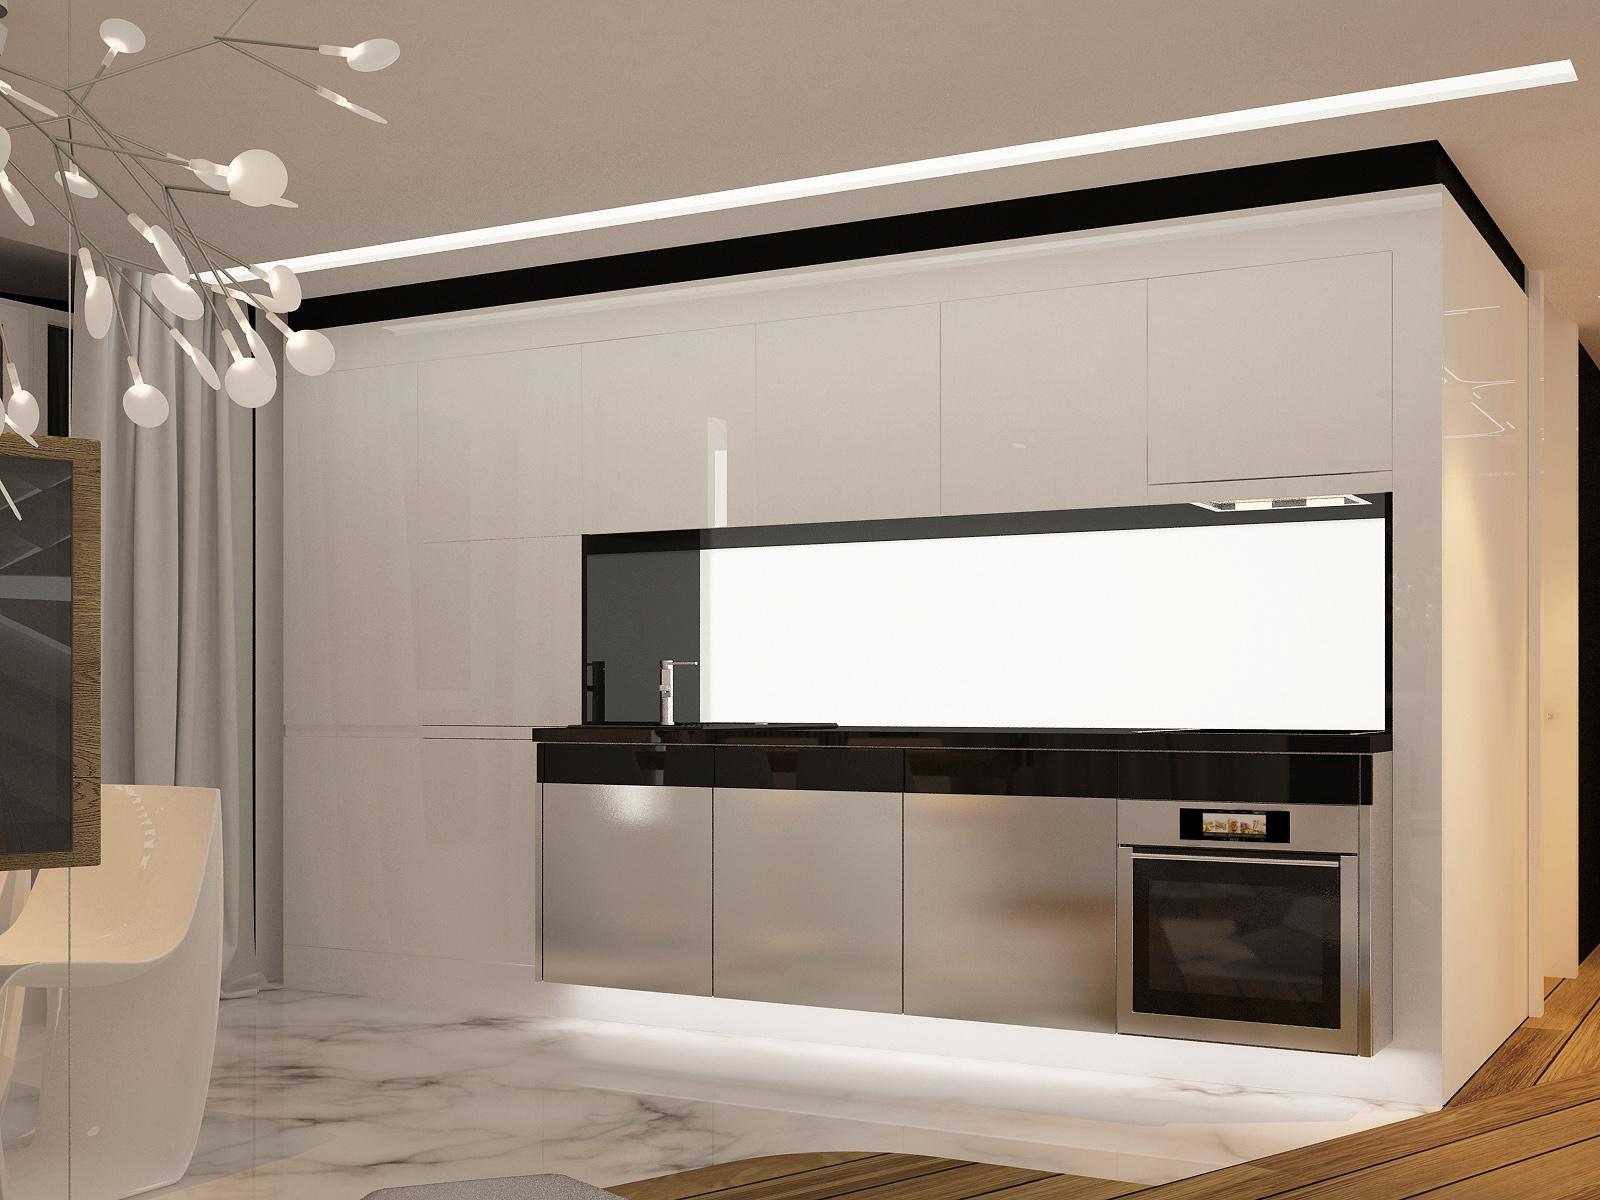 Modern simple kitchen